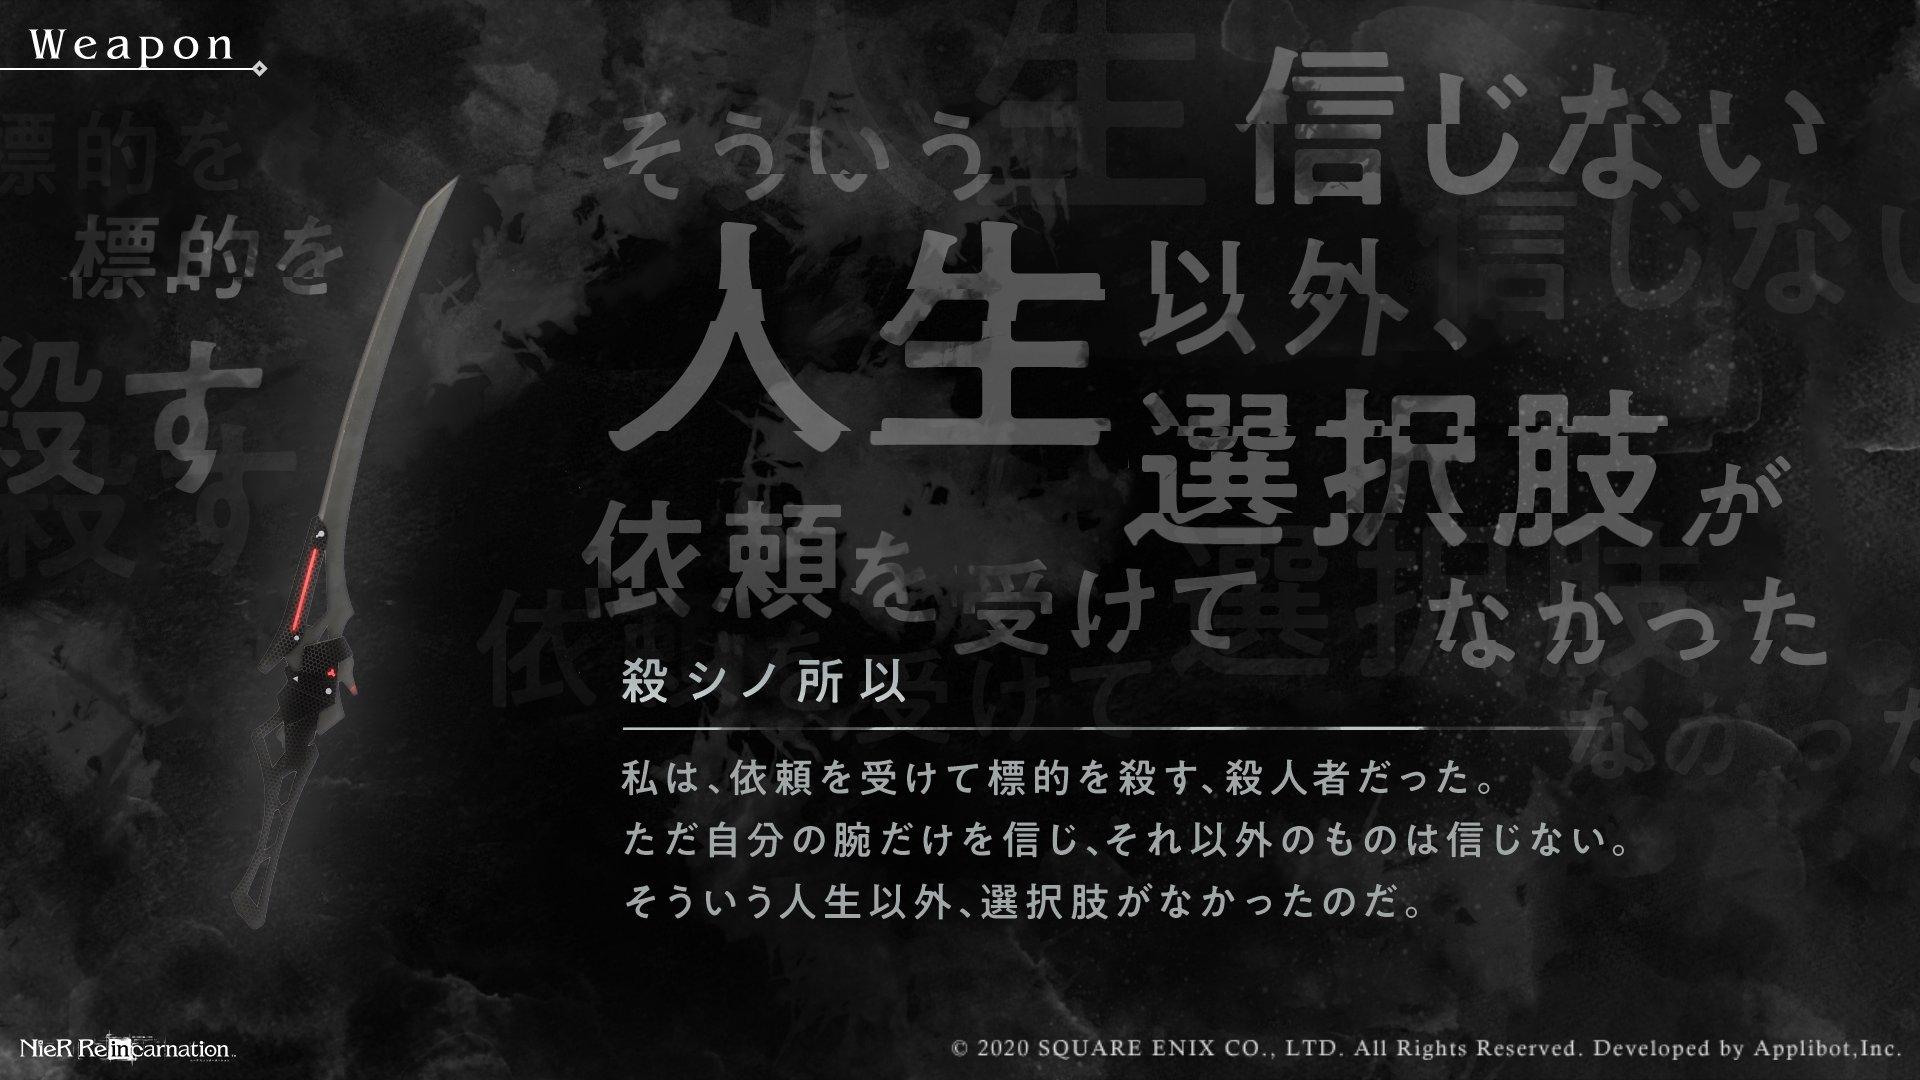 ニーアリィンカーネーション 「殺シノ所以」ウェポンストーリー